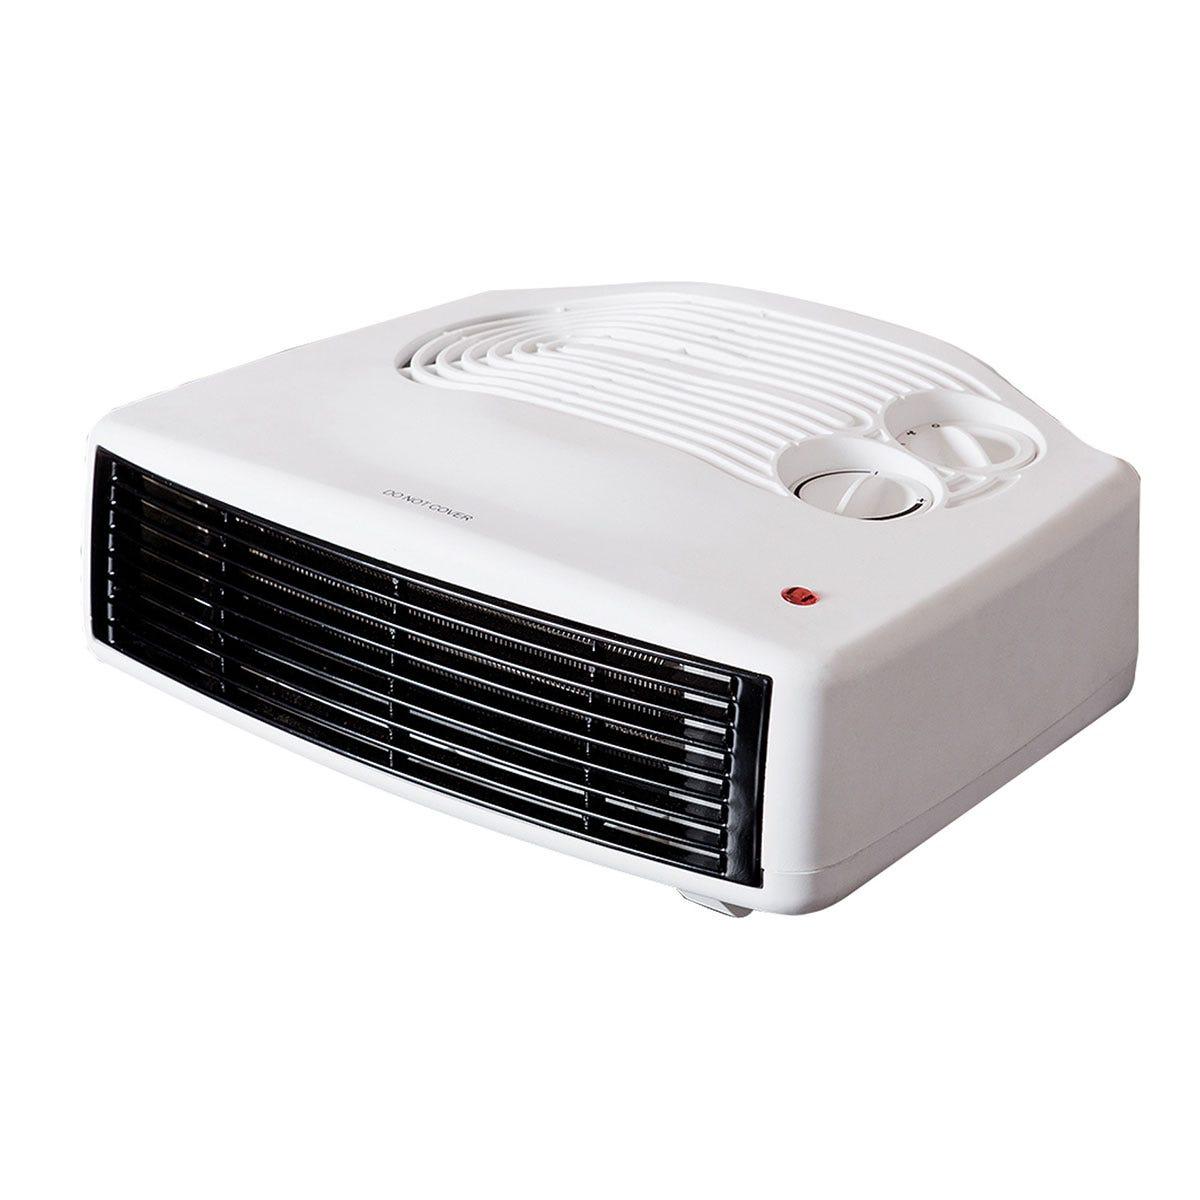 Robert Dyas 3kW Fan Heater